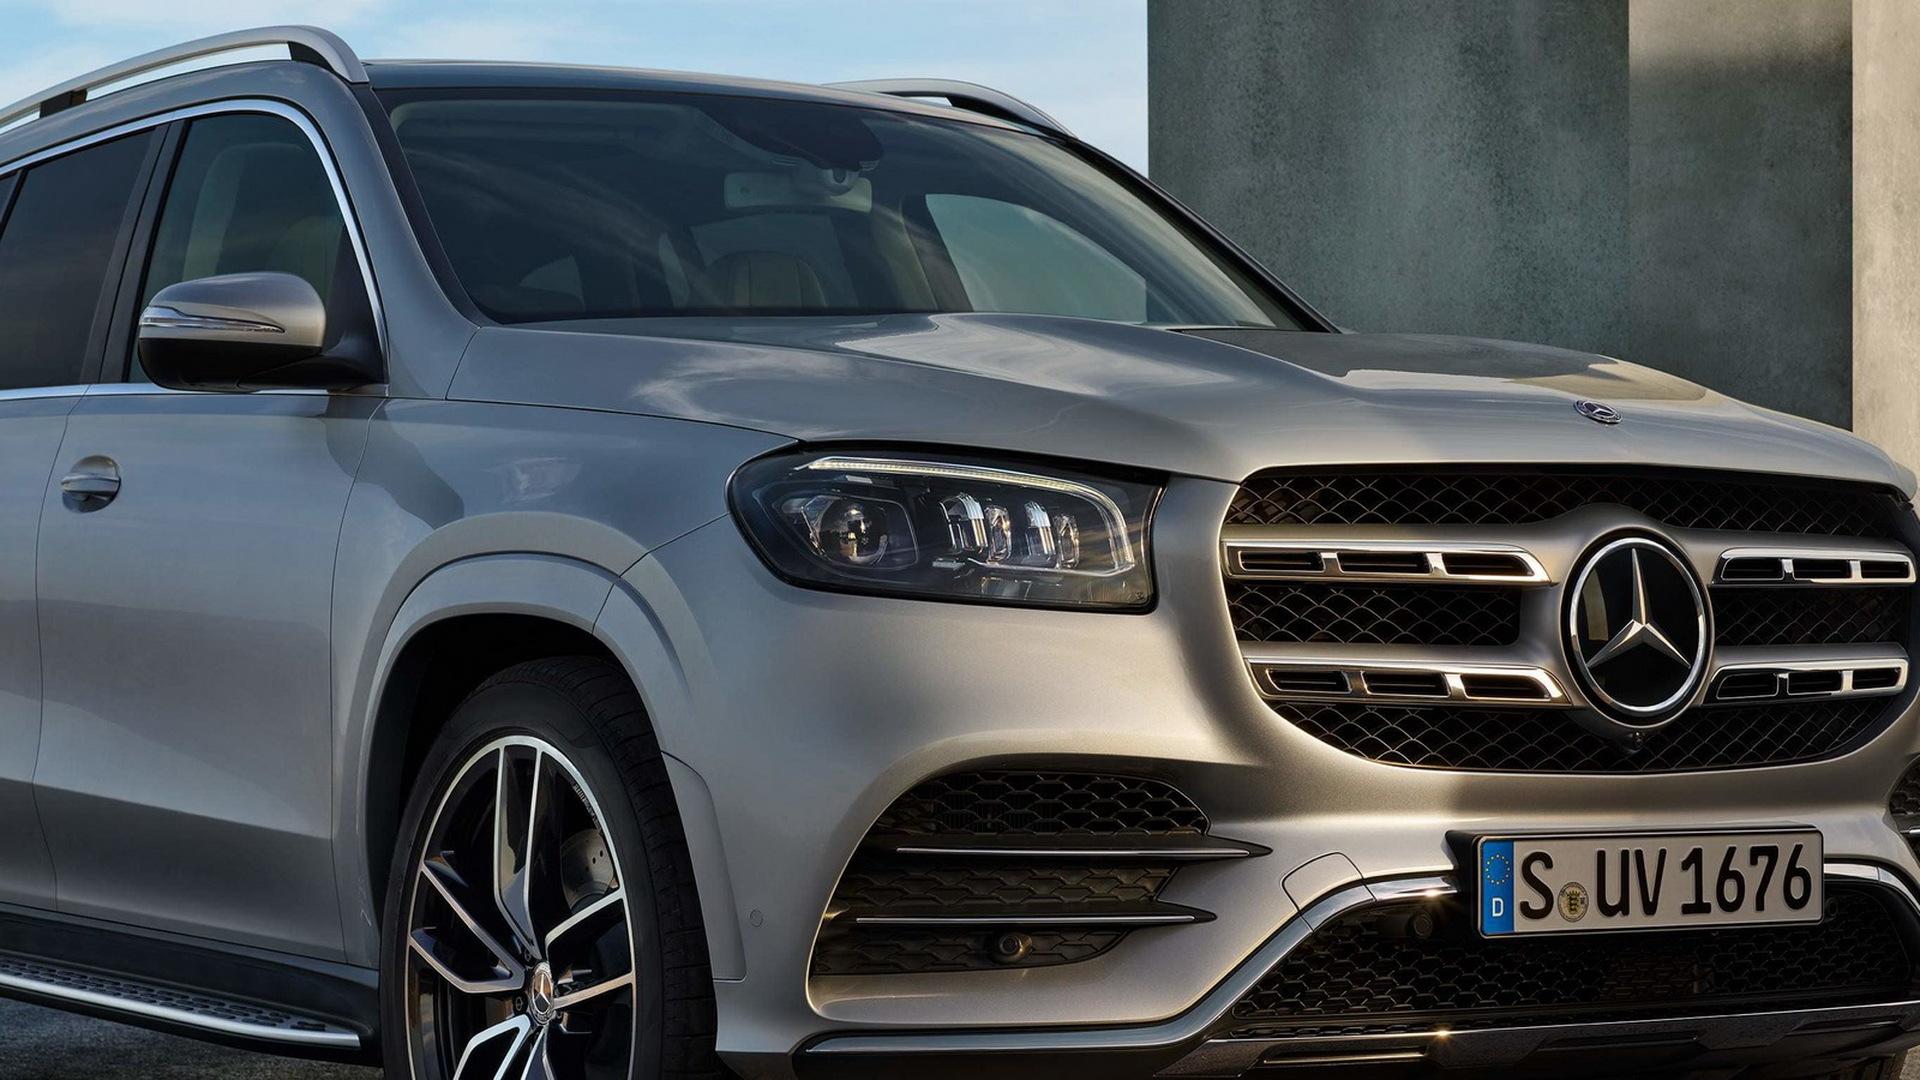 มาชม Mercedes Benz Gls 2019